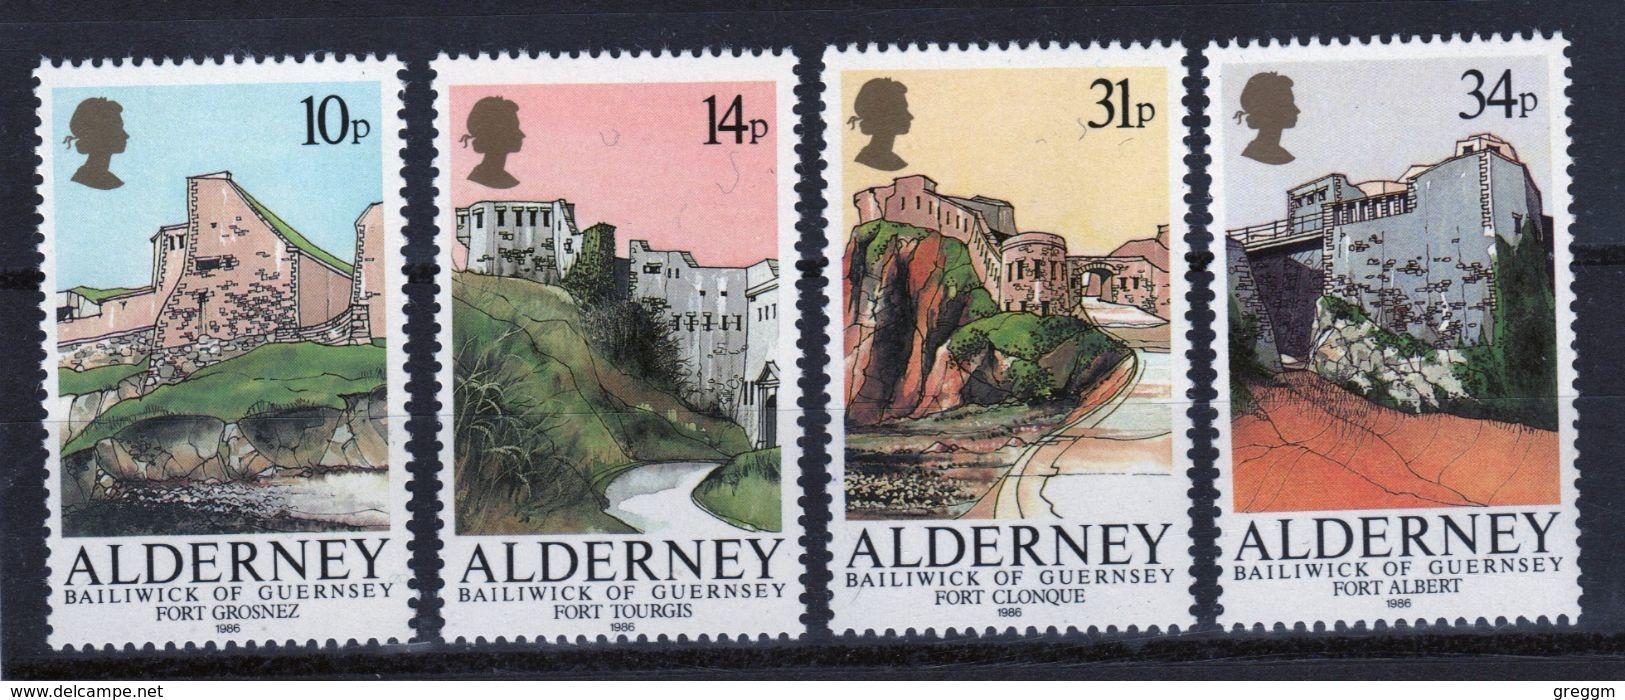 Alderney Set Of Stamps To Celebrate Alderney Forts. - Alderney